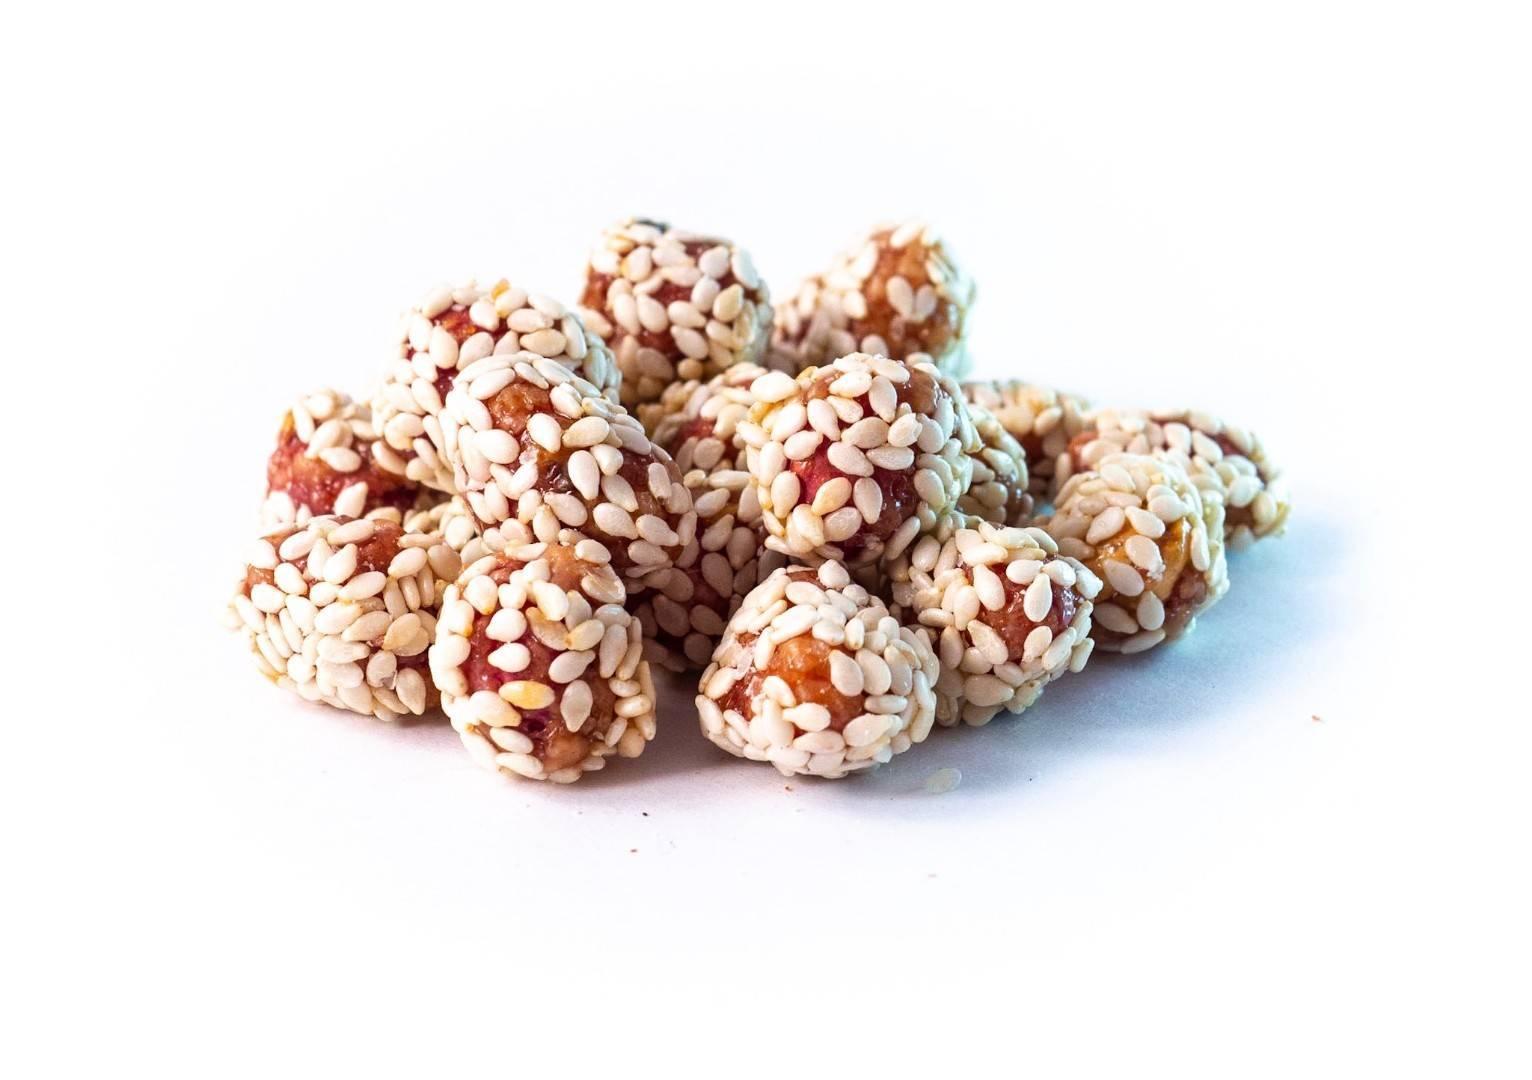 Польза и вред кунжута с медом, в пасте, арахиса в кунжуте – хорошие привычки